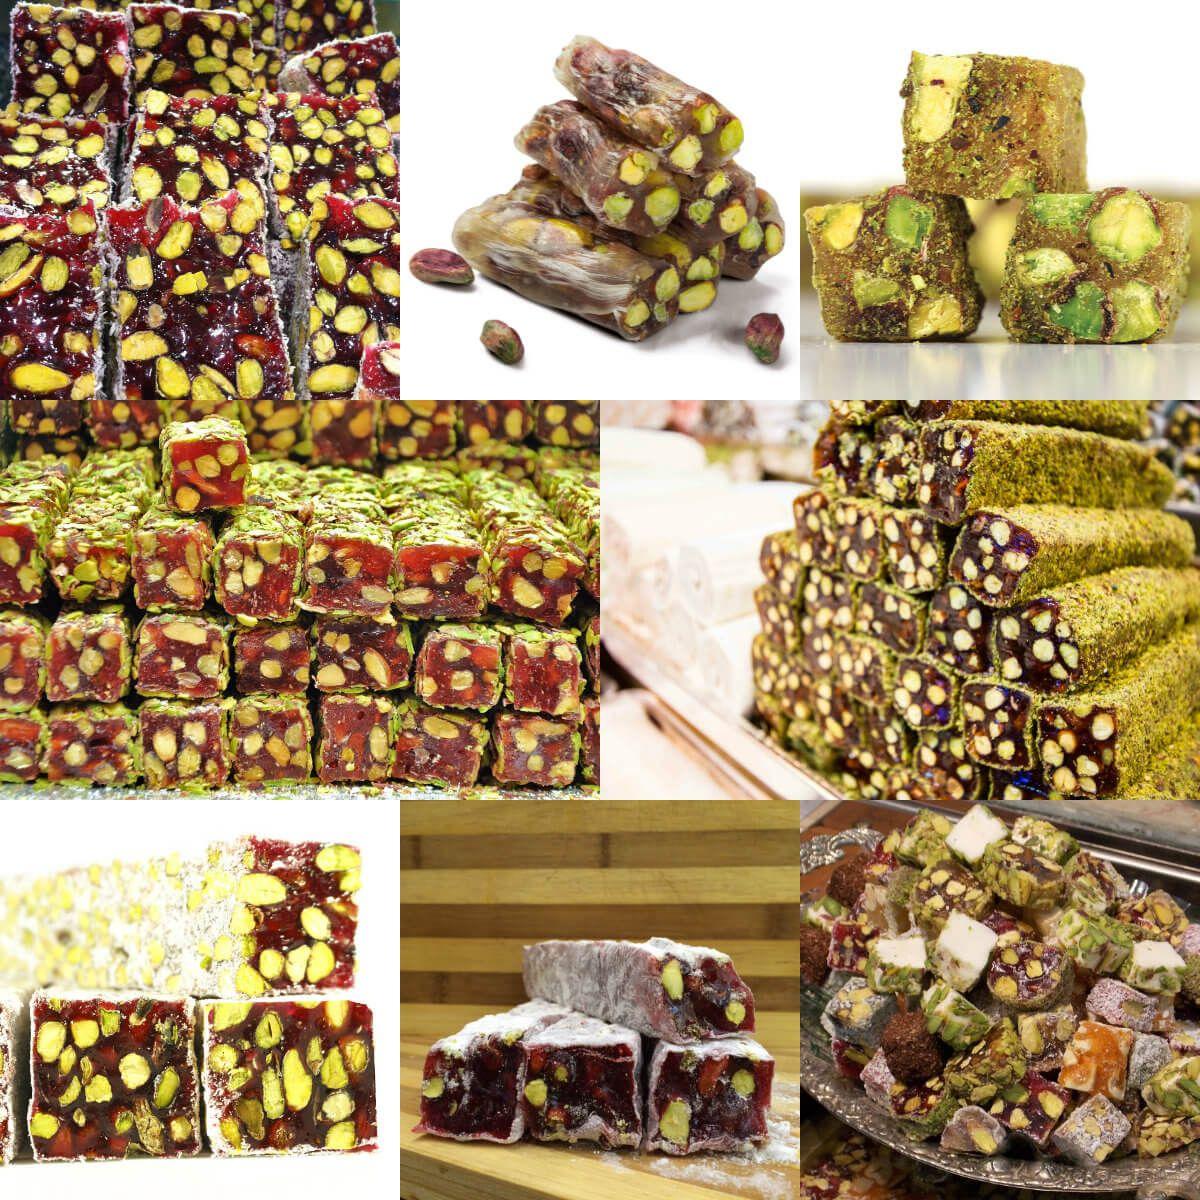 عالم الطبخ والجمال طريقة عمل راحة الحلقوم التركي بالفستق الحلبي Pistachio Turkish Delight Turkish Recipes